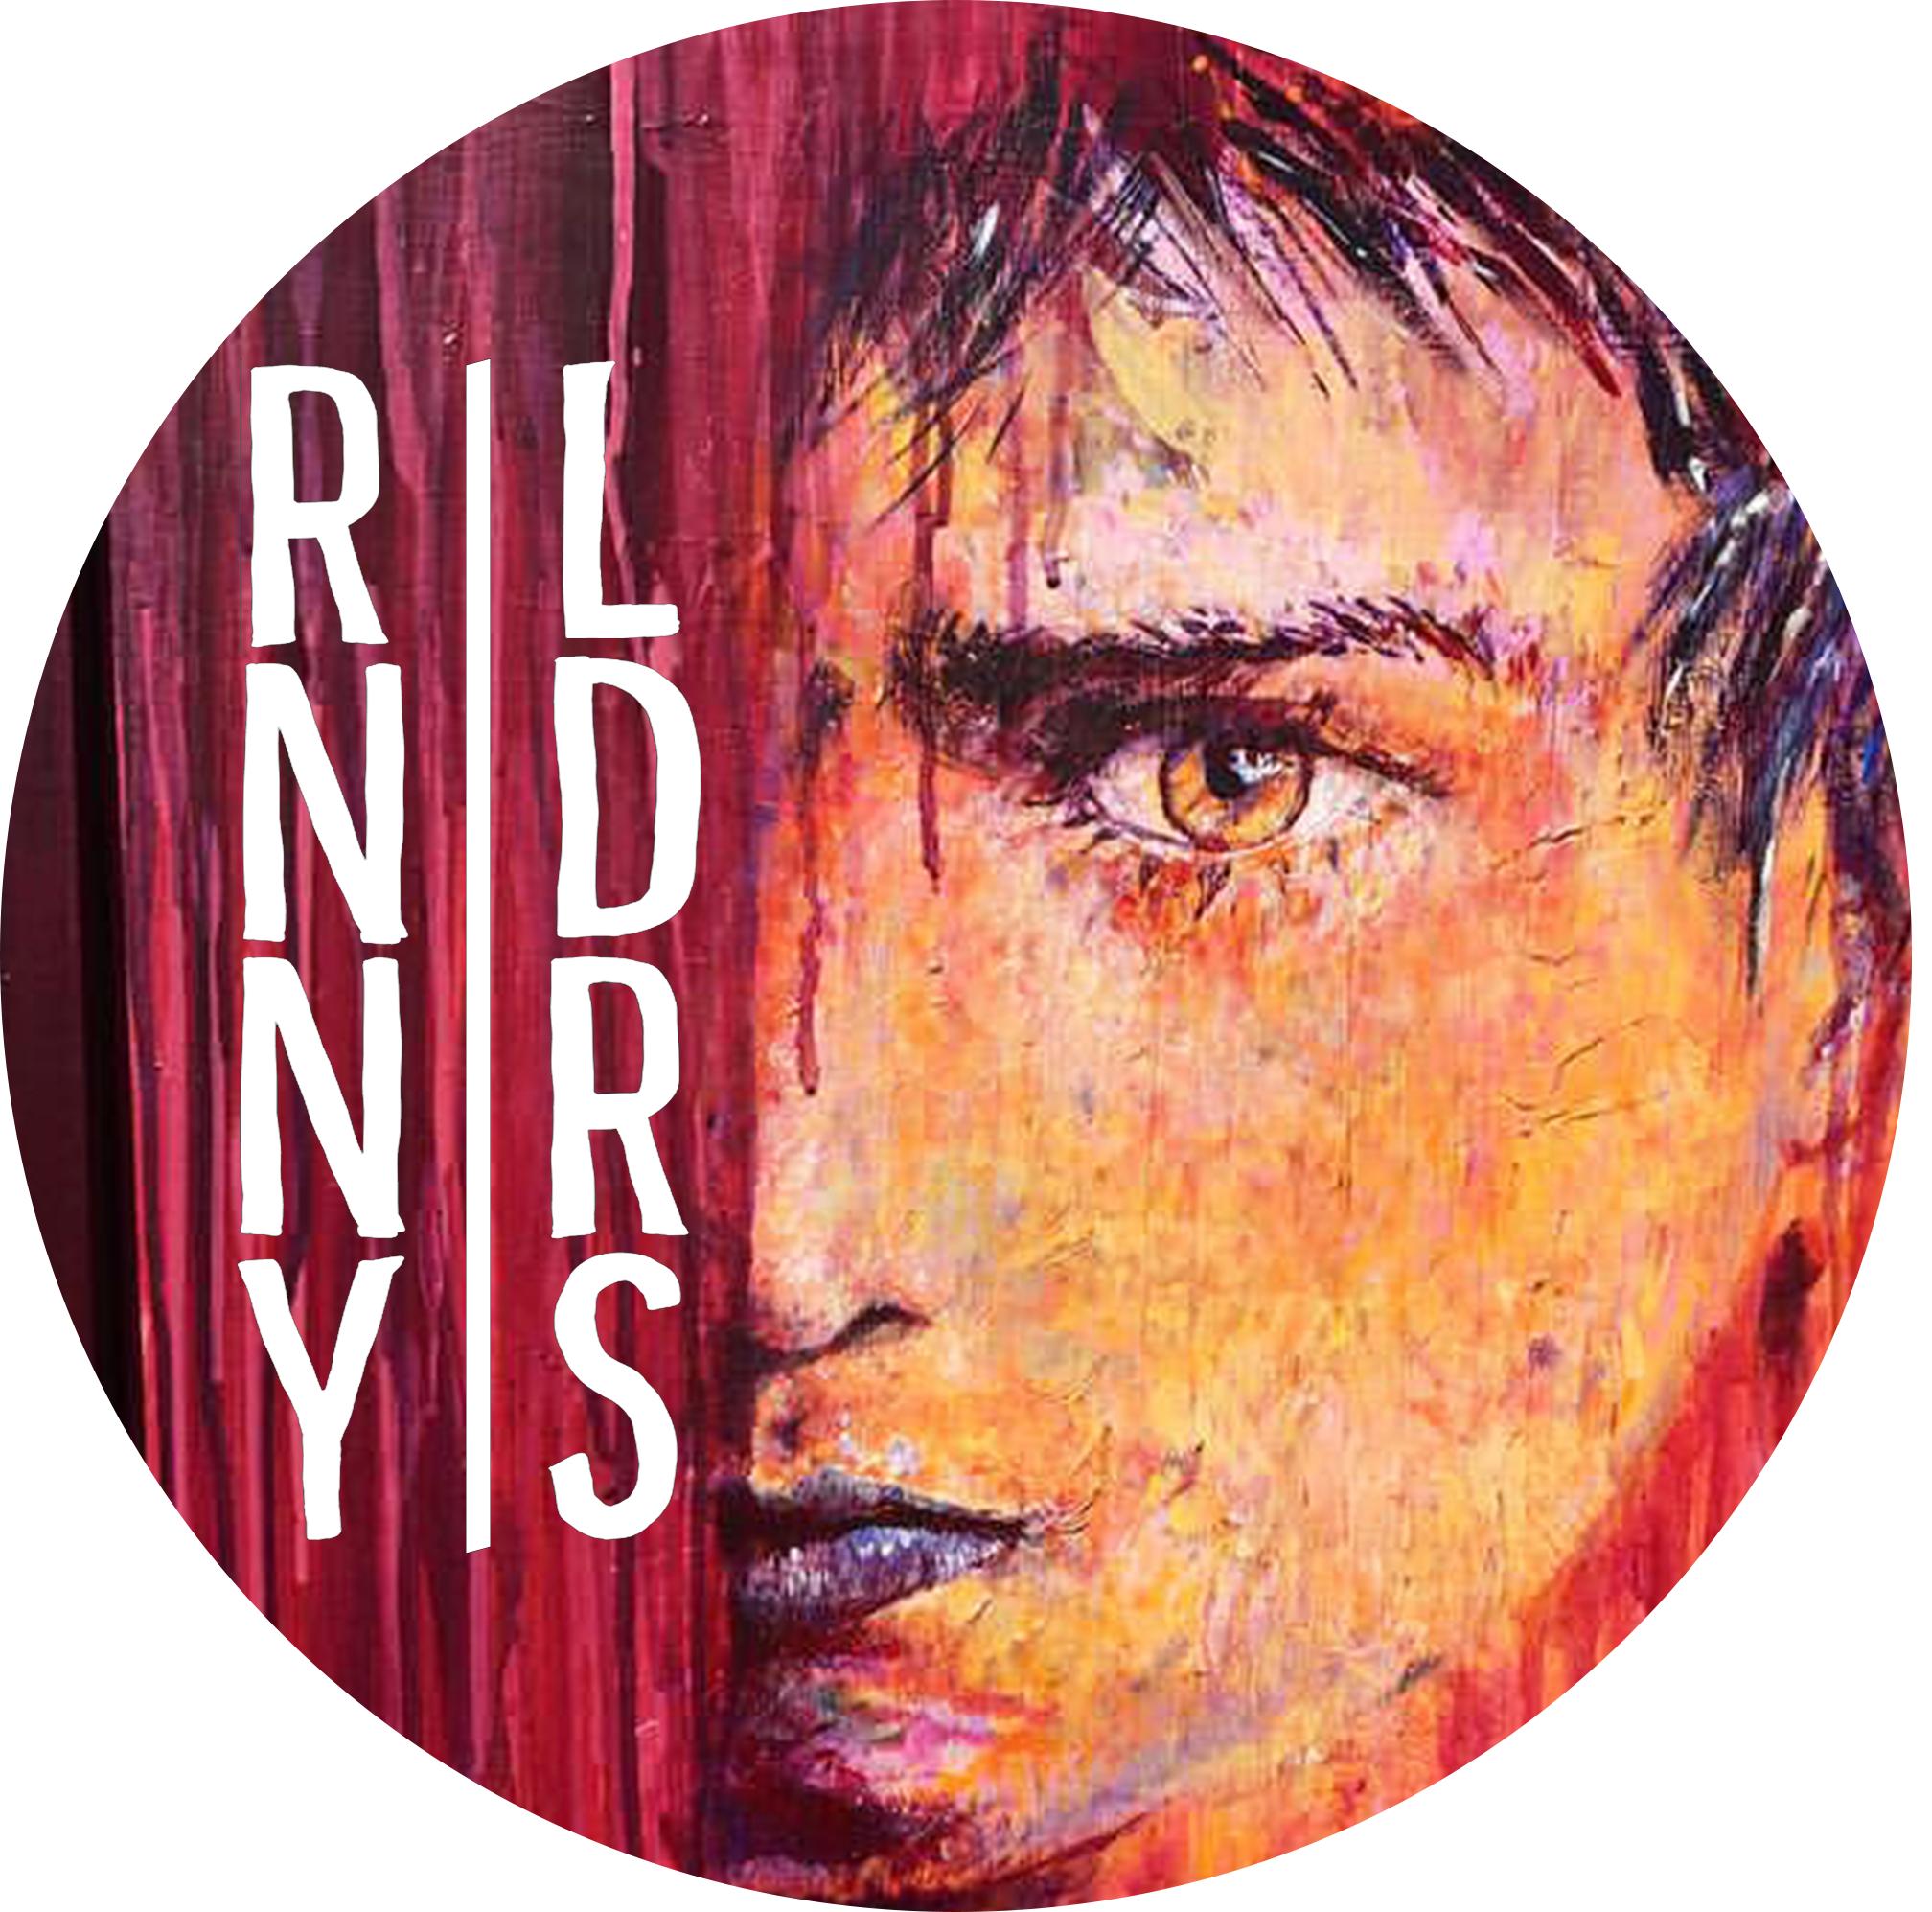 RNNY LDRS